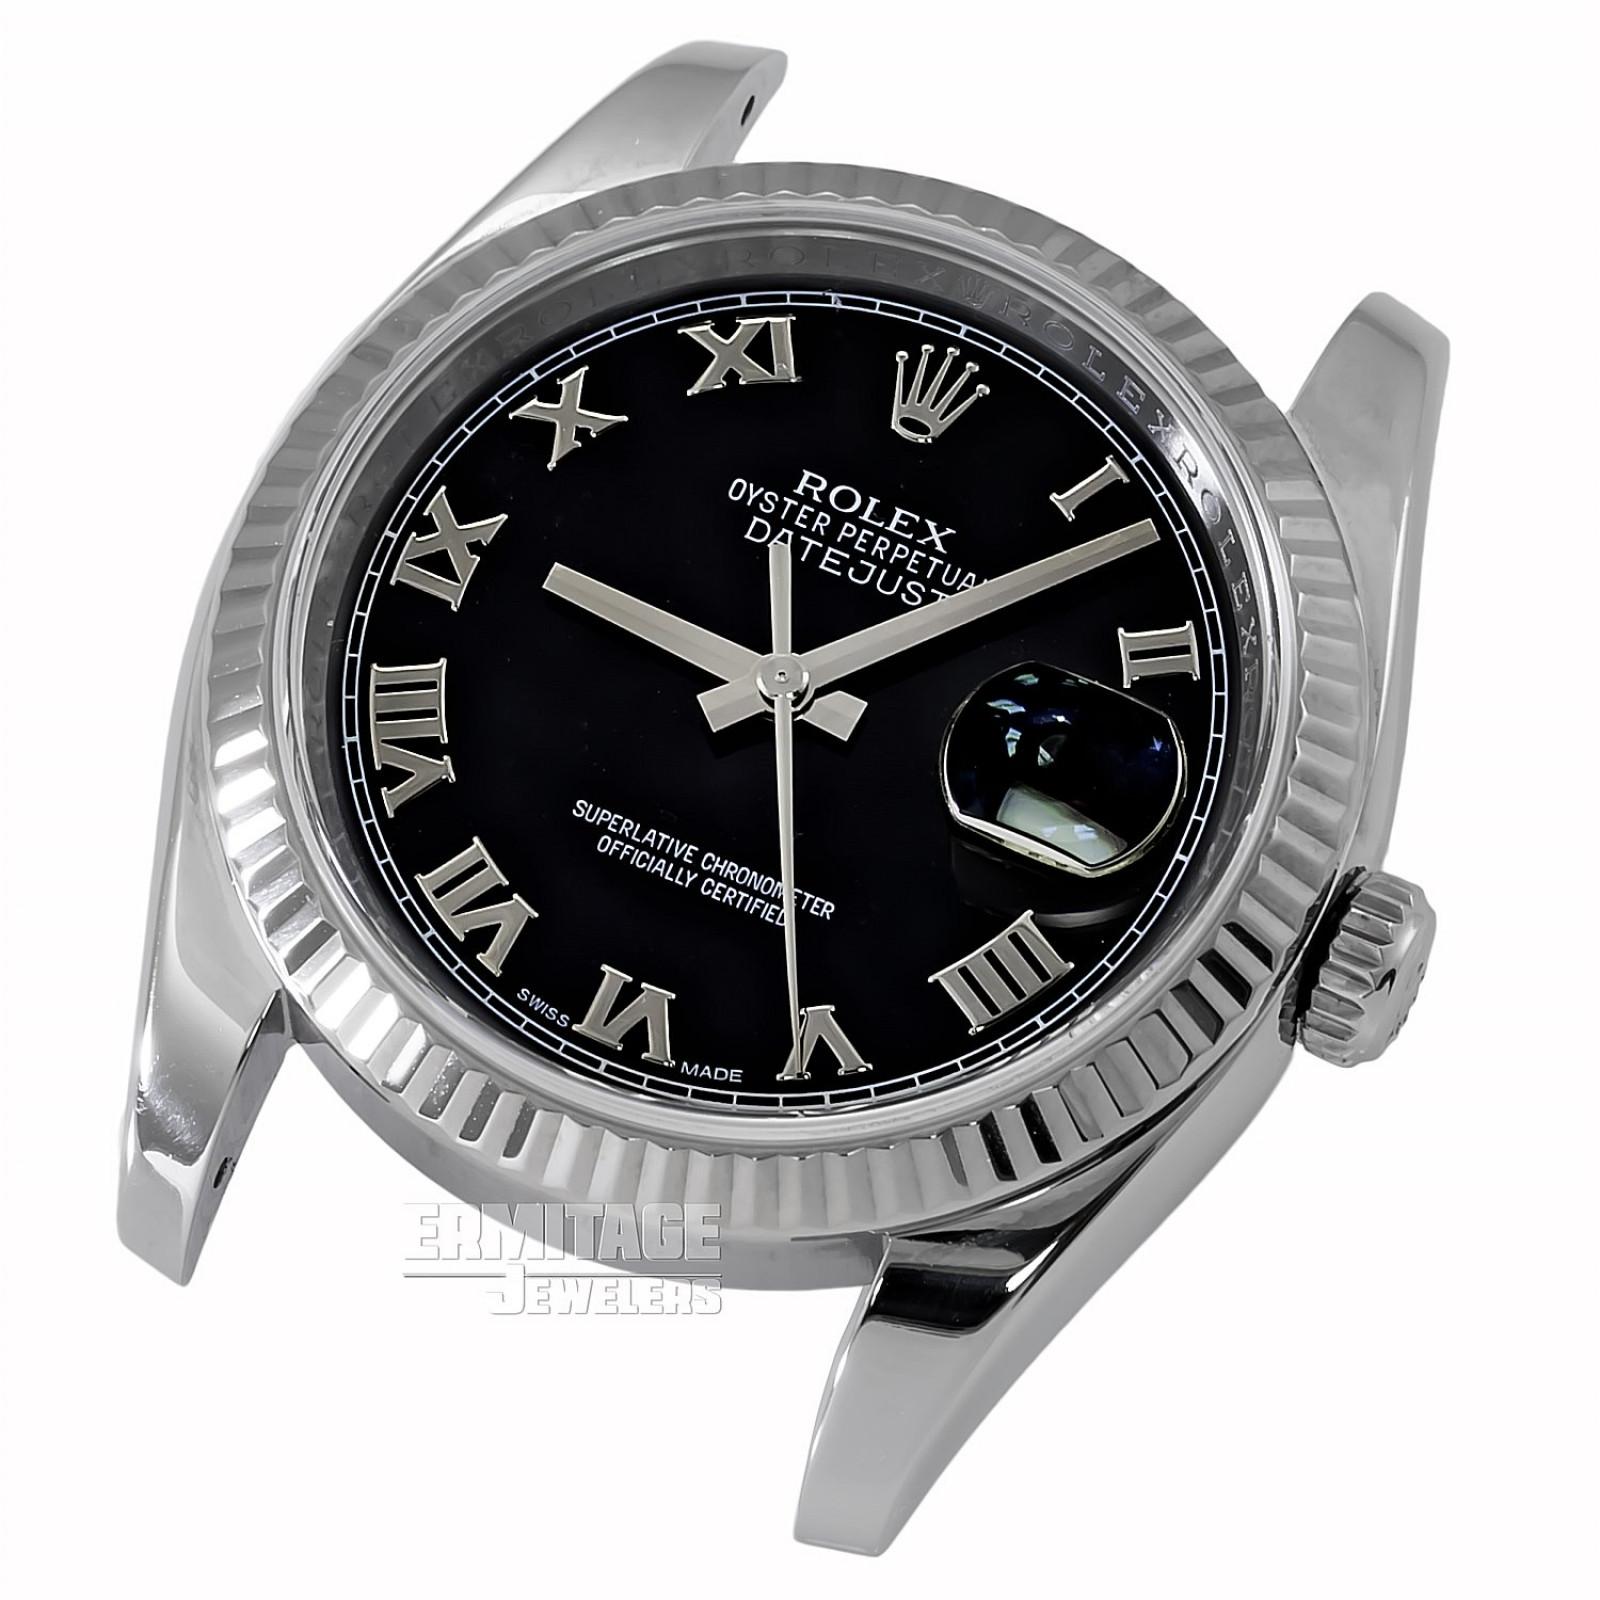 2015 Black Rolex Datejust Ref. 116234